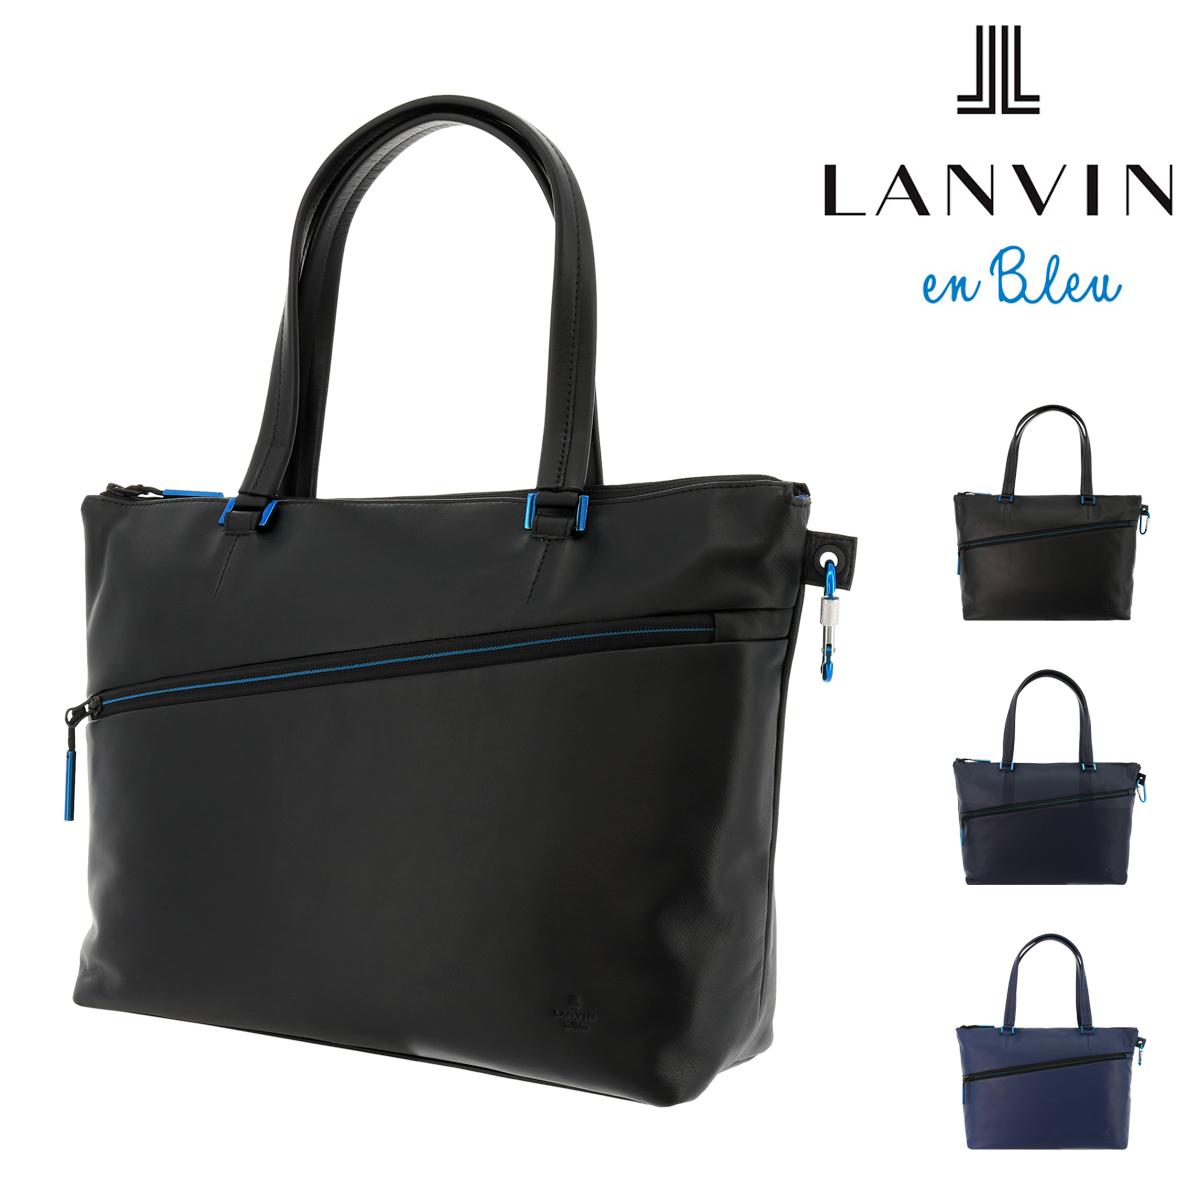 ランバンオンブルー トートバッグ A4 アルマイト メンズ554701 LANVIN en Bleu | 本革 牛革 レザー[即日発送][PO10]